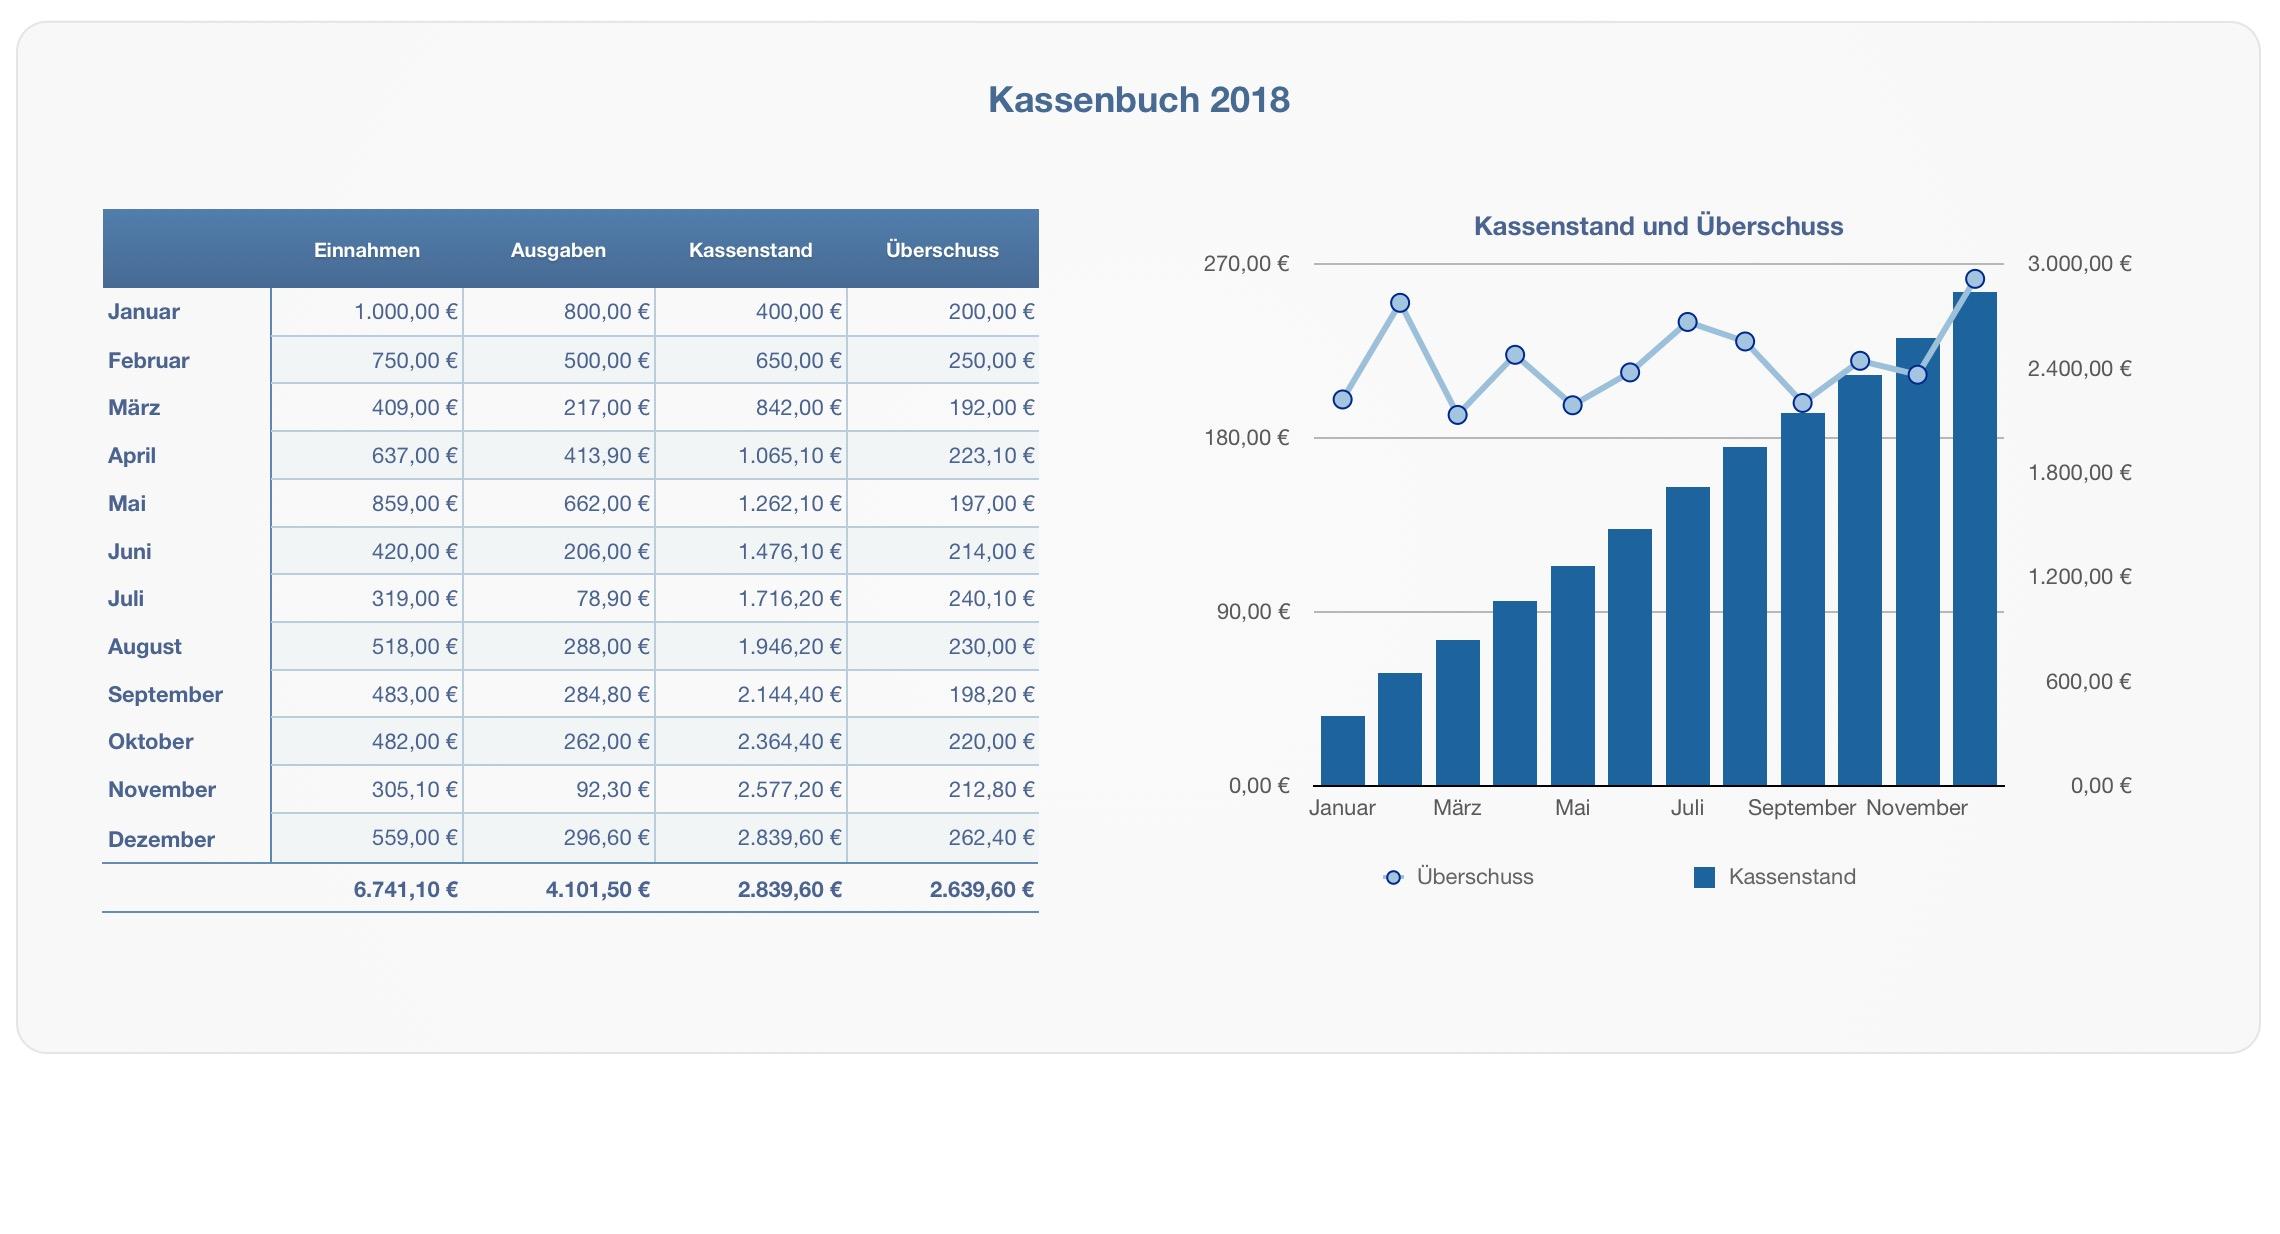 Numbers Vorlage Kassenbuch 2018 USt | Numbersvorlagen.de